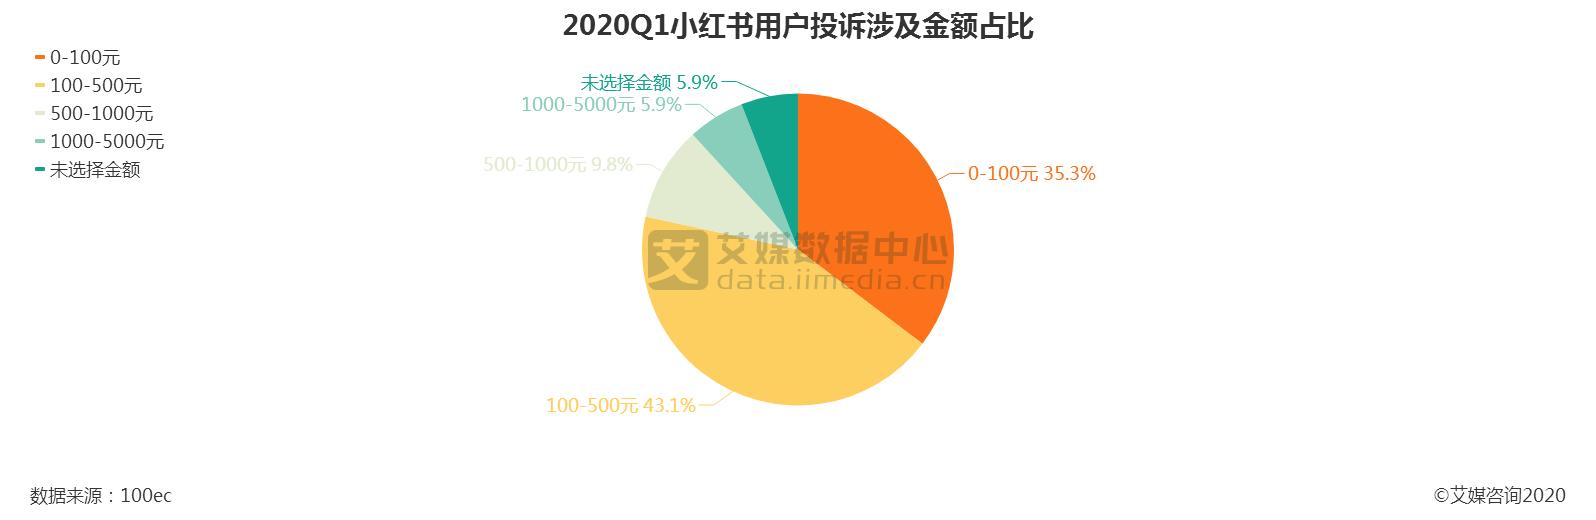 2020Q1小红书用户投诉涉及金额占比